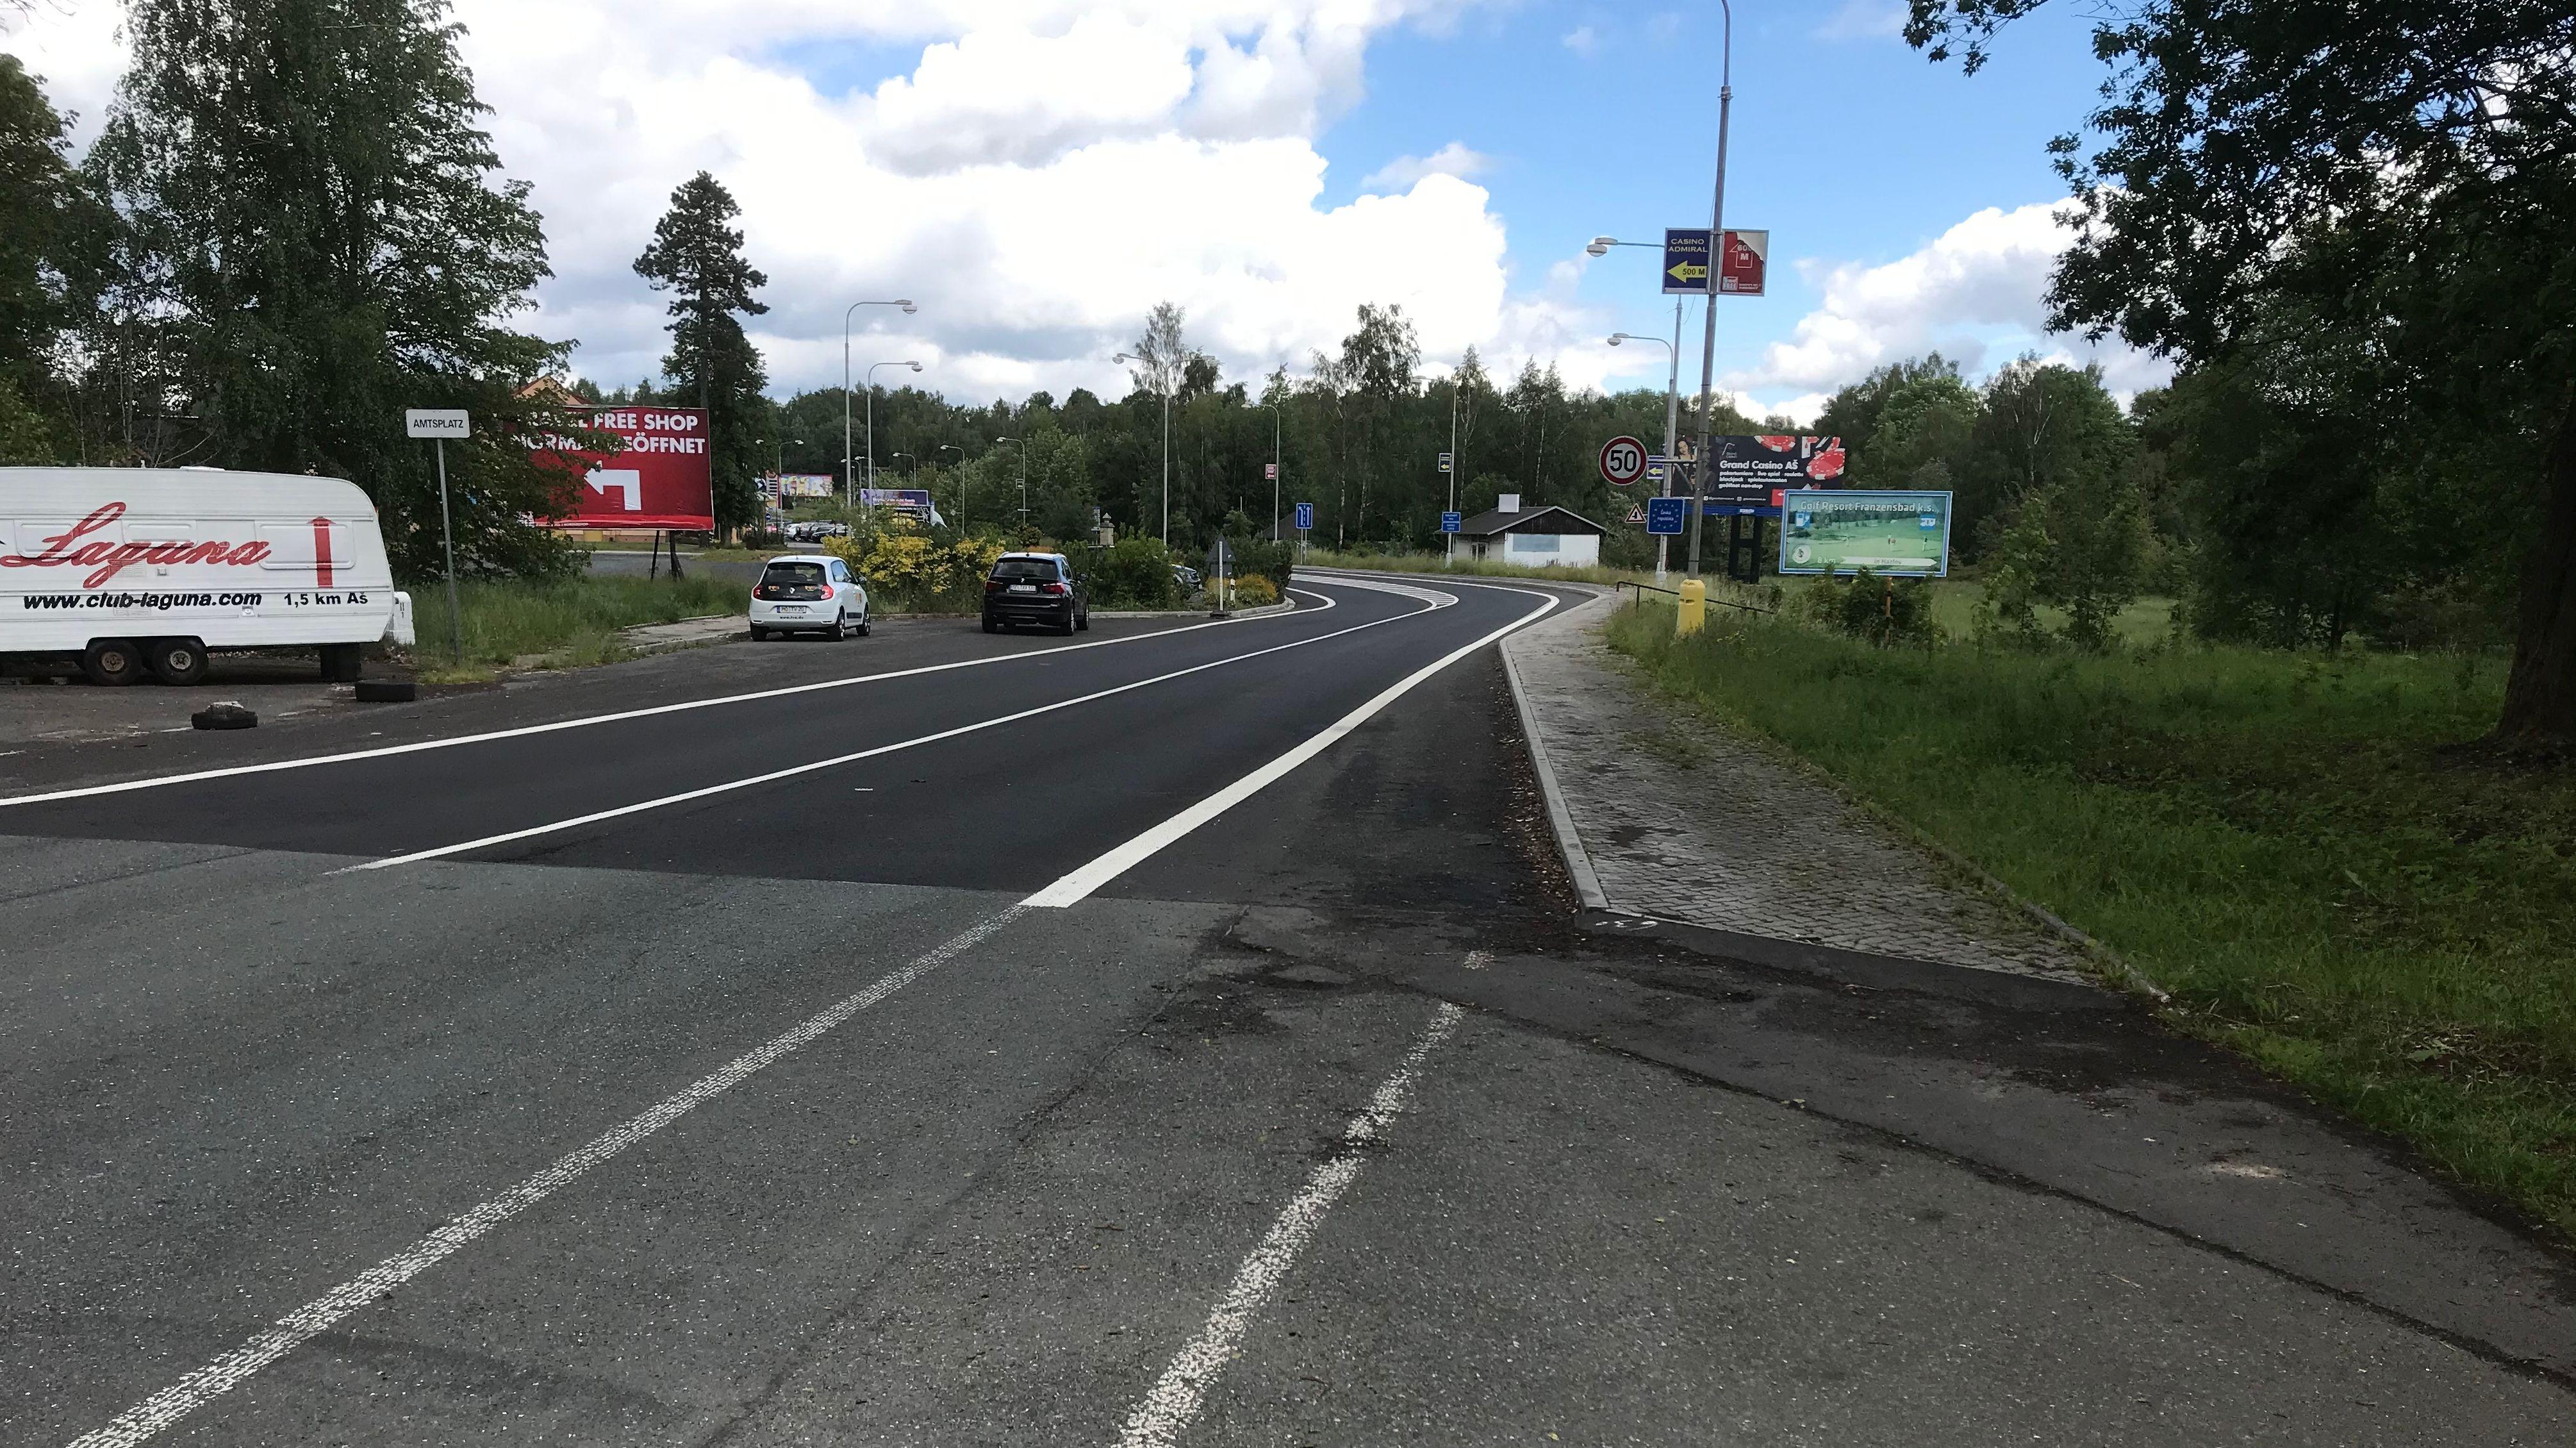 Am Grenzübergang Selb/ Asch herrscht wenig Andrang, nur einig Autos fahren über die Staatsgrenze.